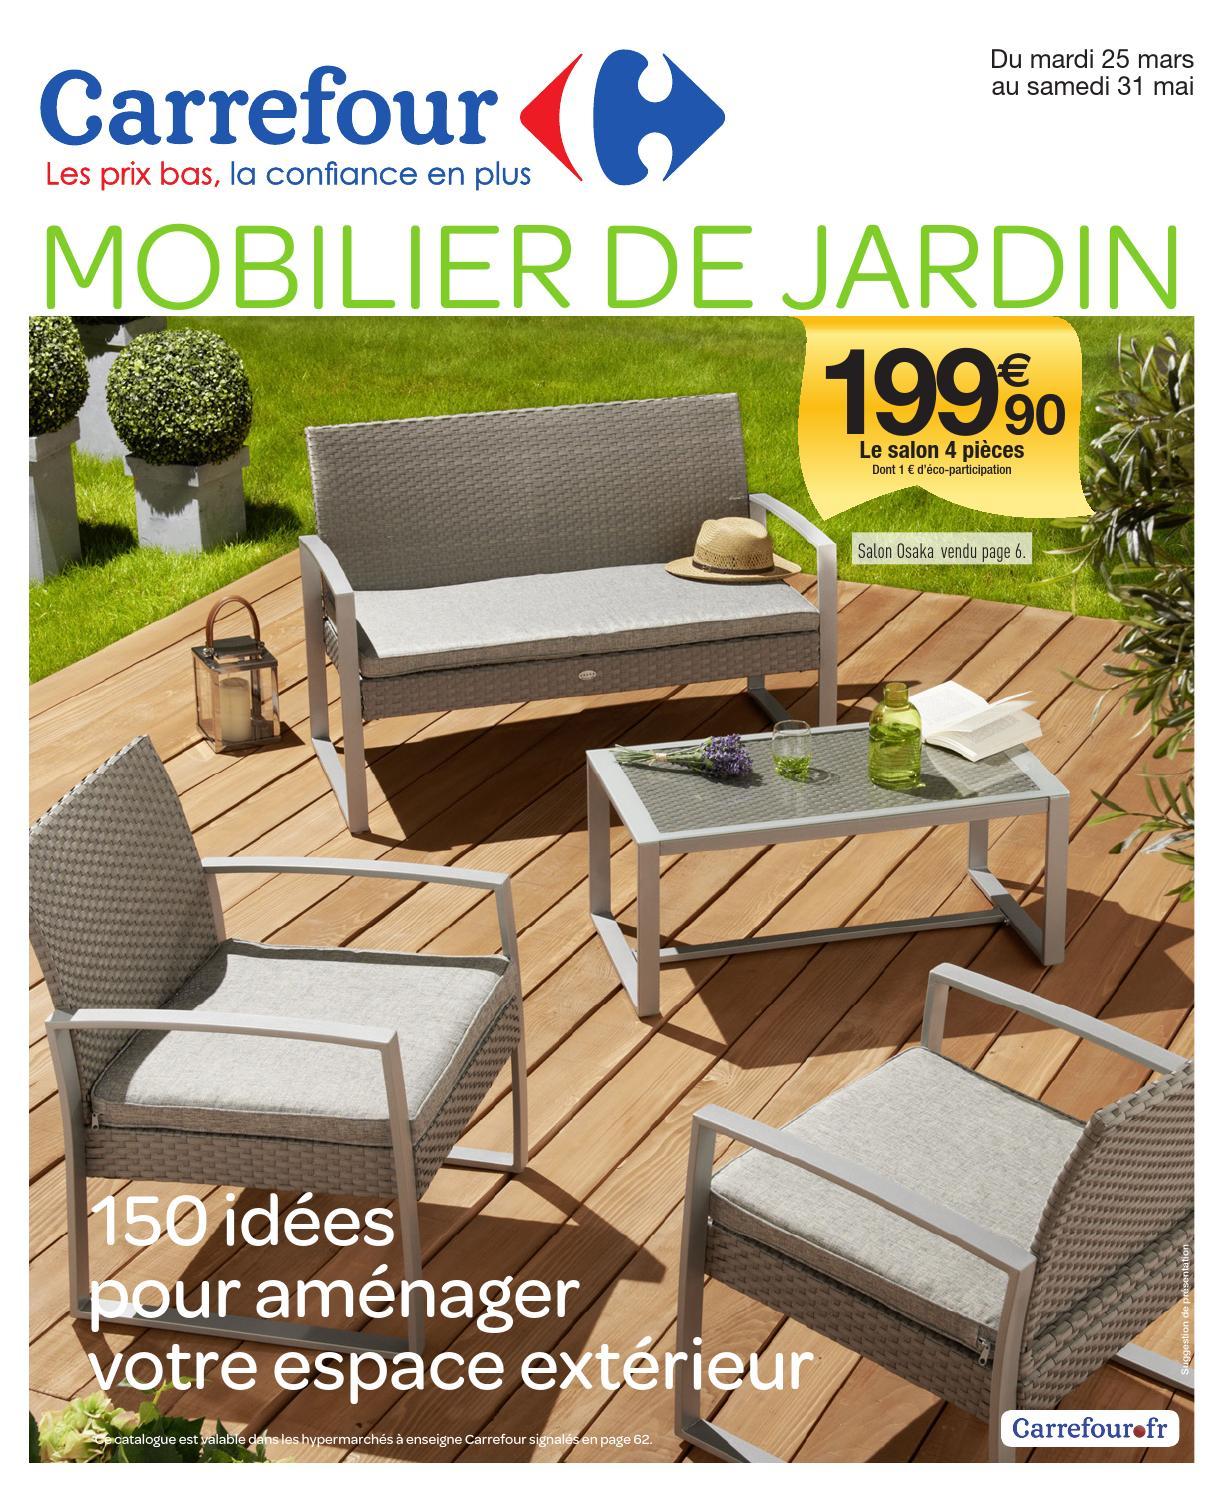 Catalogue Carrefour - 25.03-31.05.2014 By Joe Monroe - Issuu pour Tonnelle De Jardin Carrefour